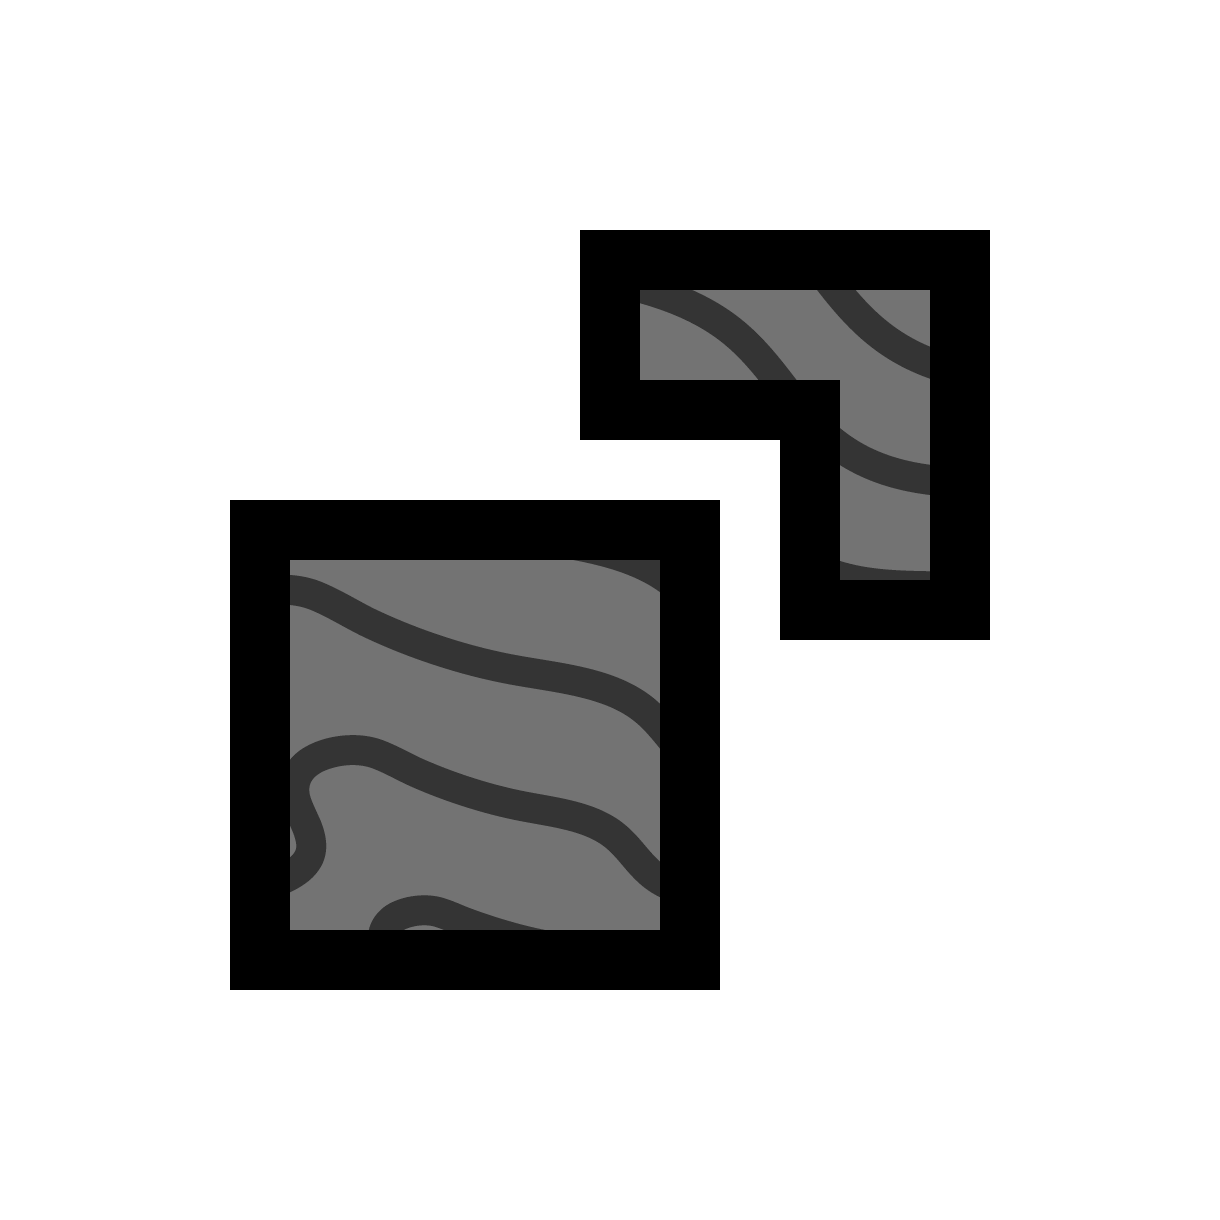 atlas_icon_density-01